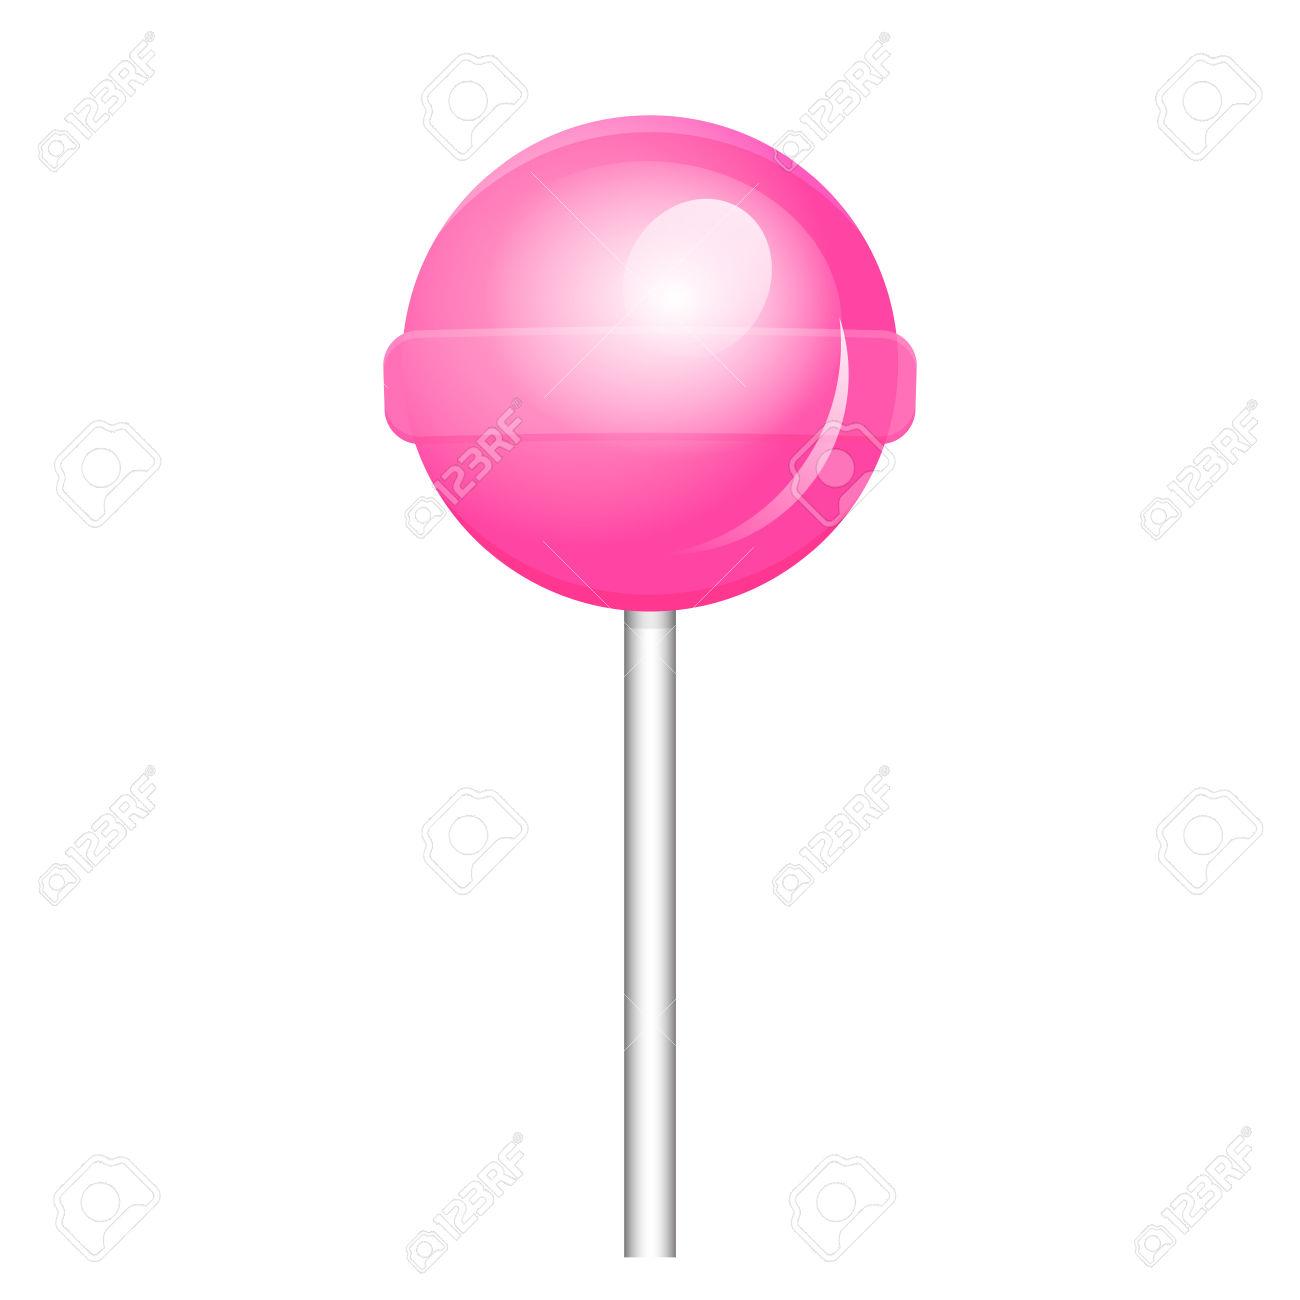 Lollipop clipart pink lollipop. Free download best on